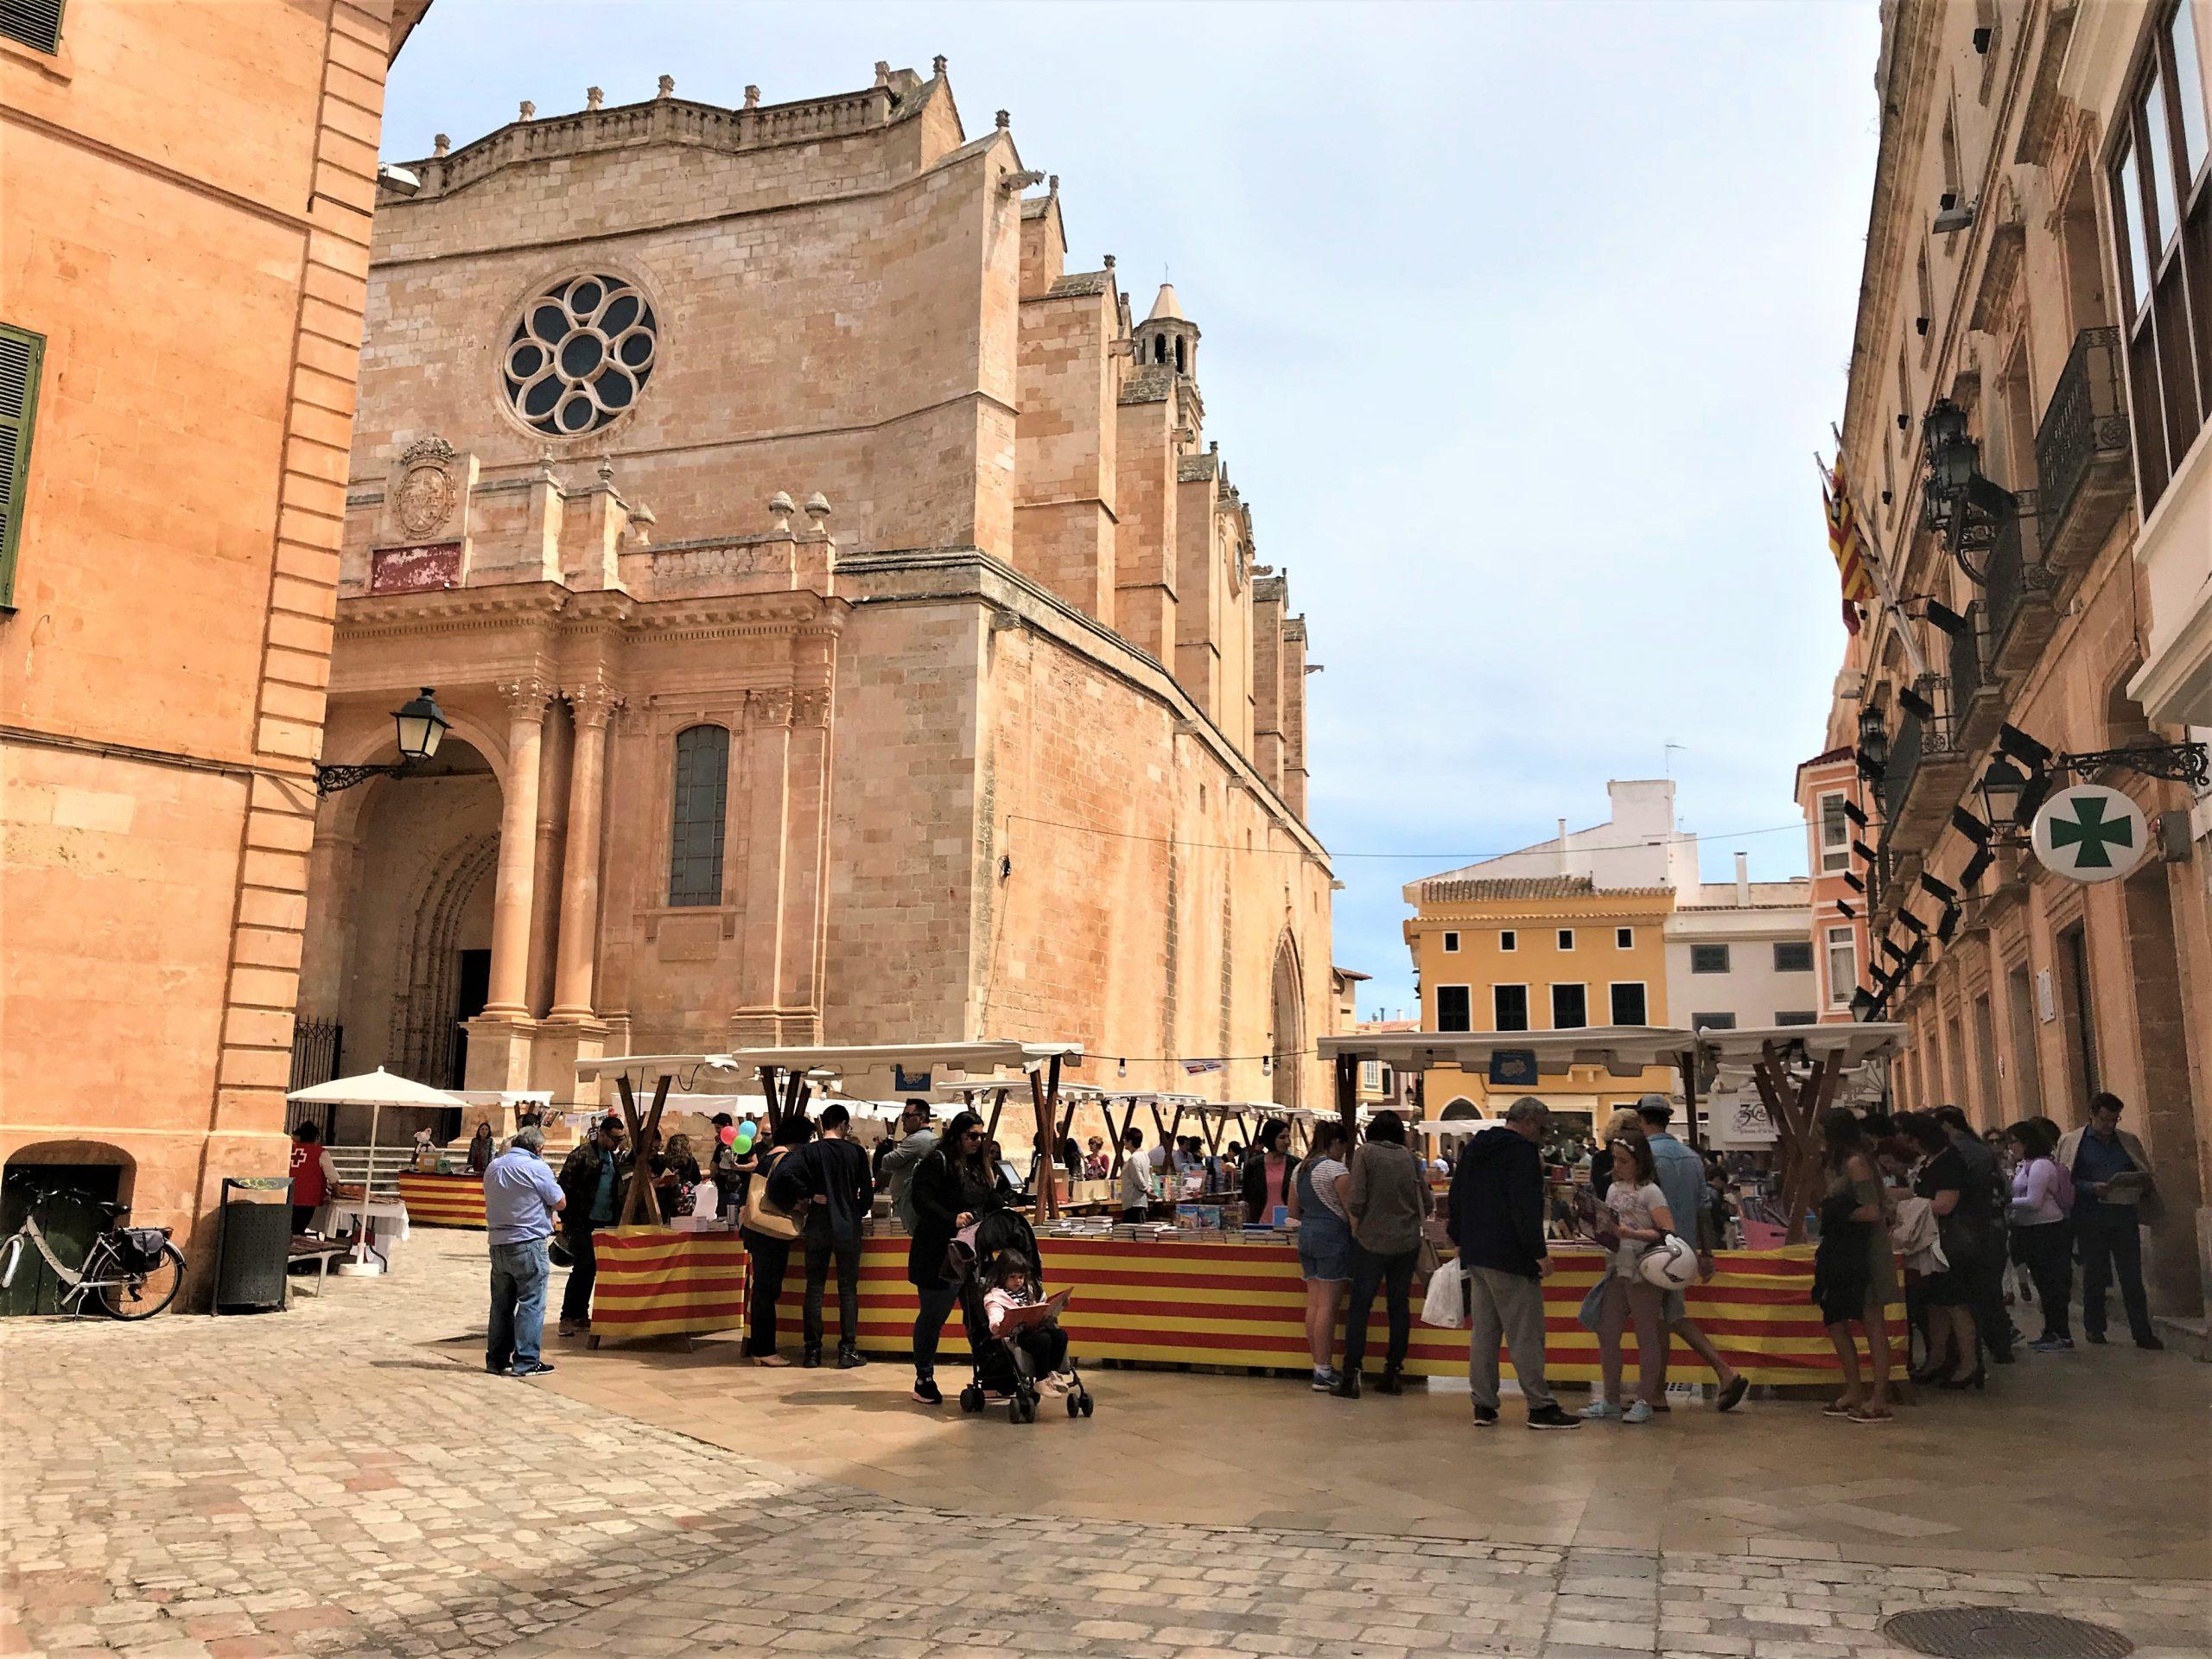 Marché de livres à Ciutadella